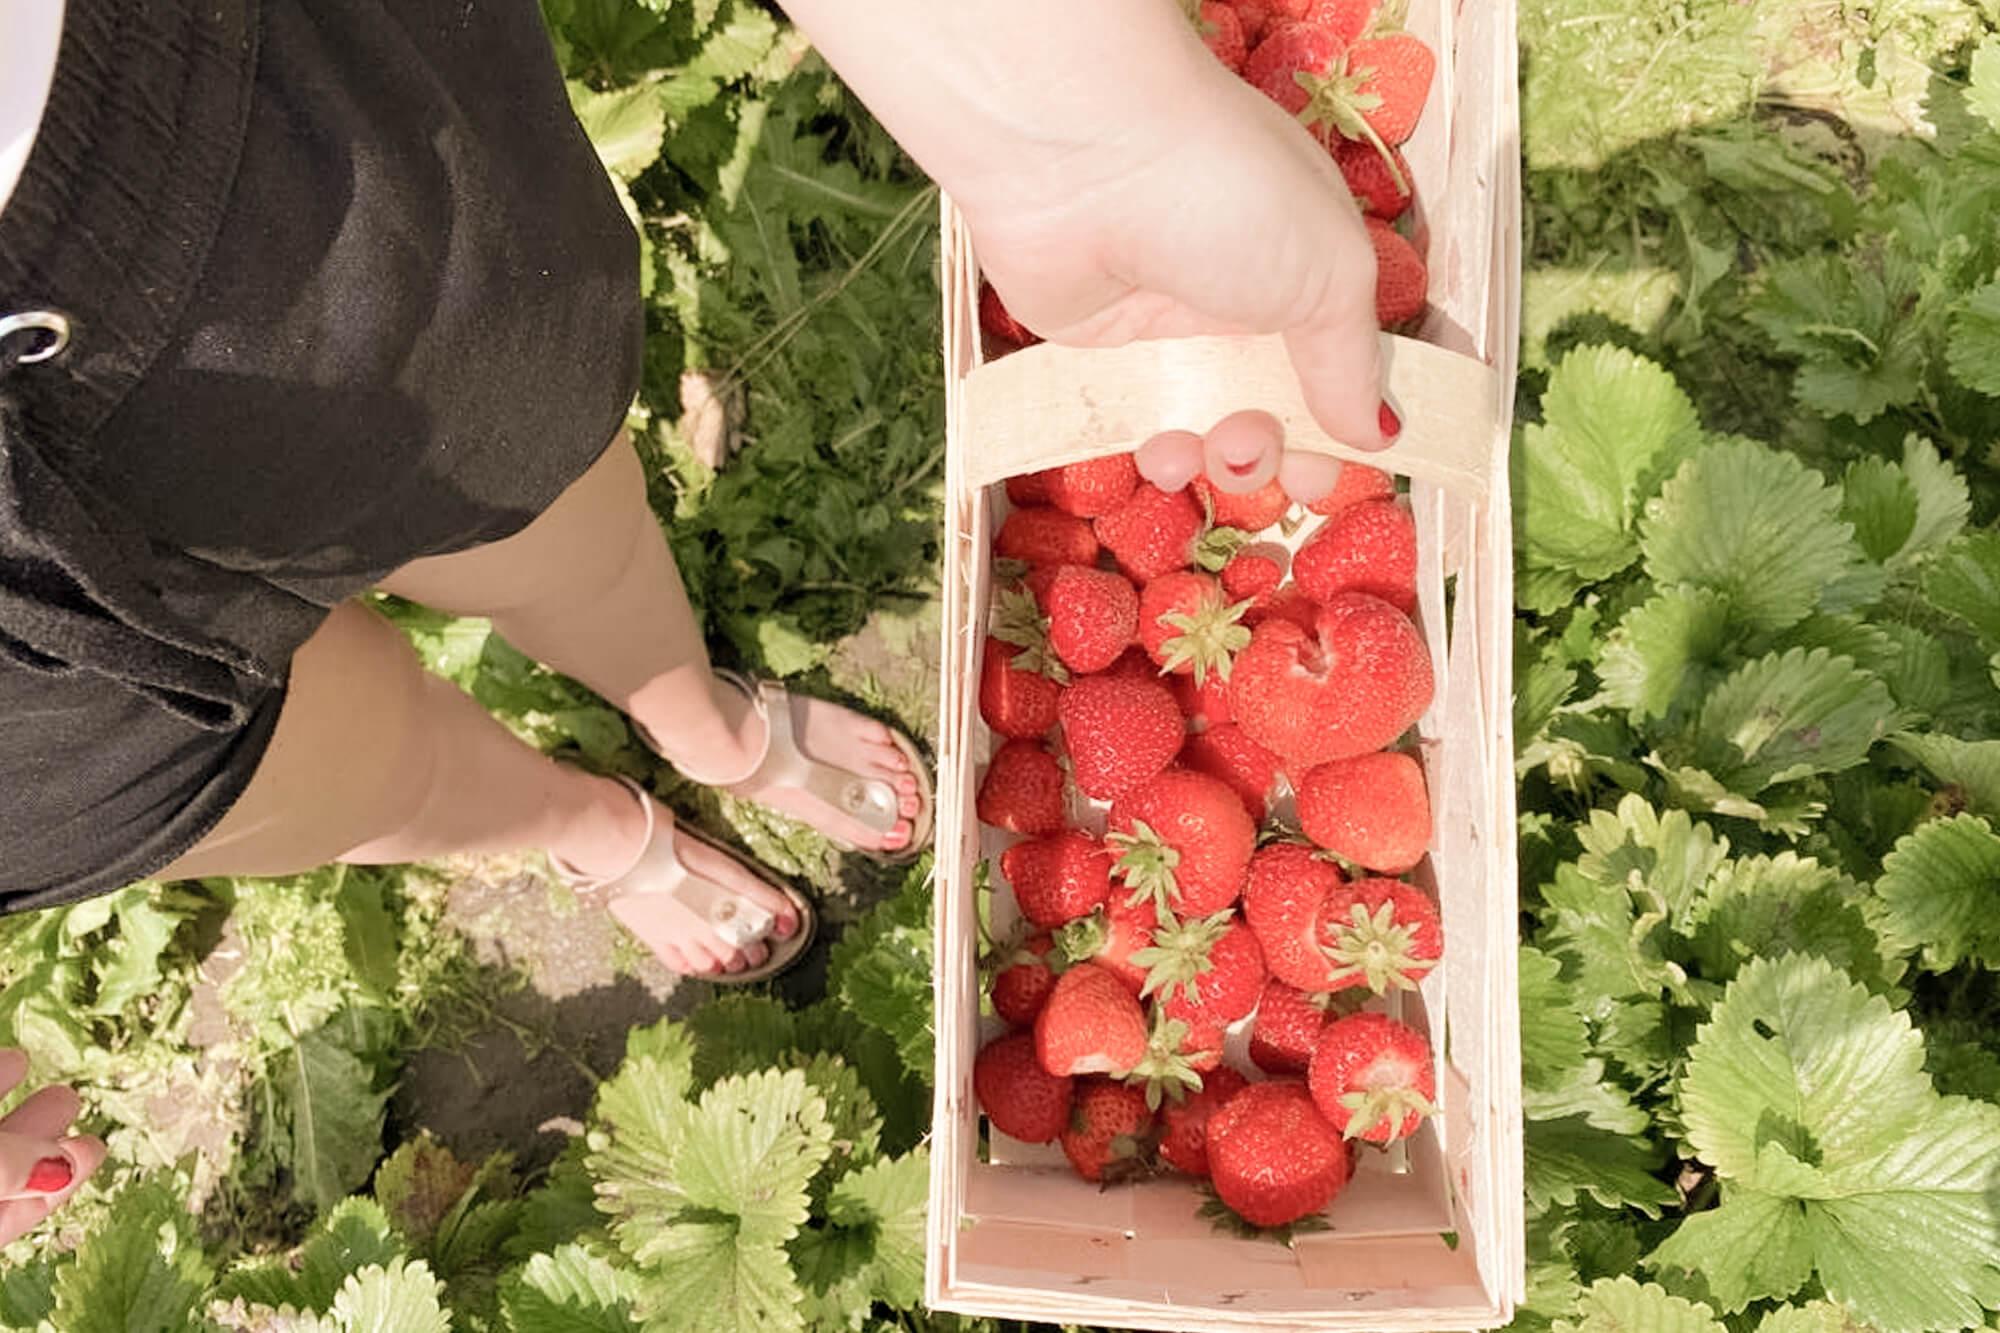 Voller Erntekorb beim Erdbeerpflücken in Berlin